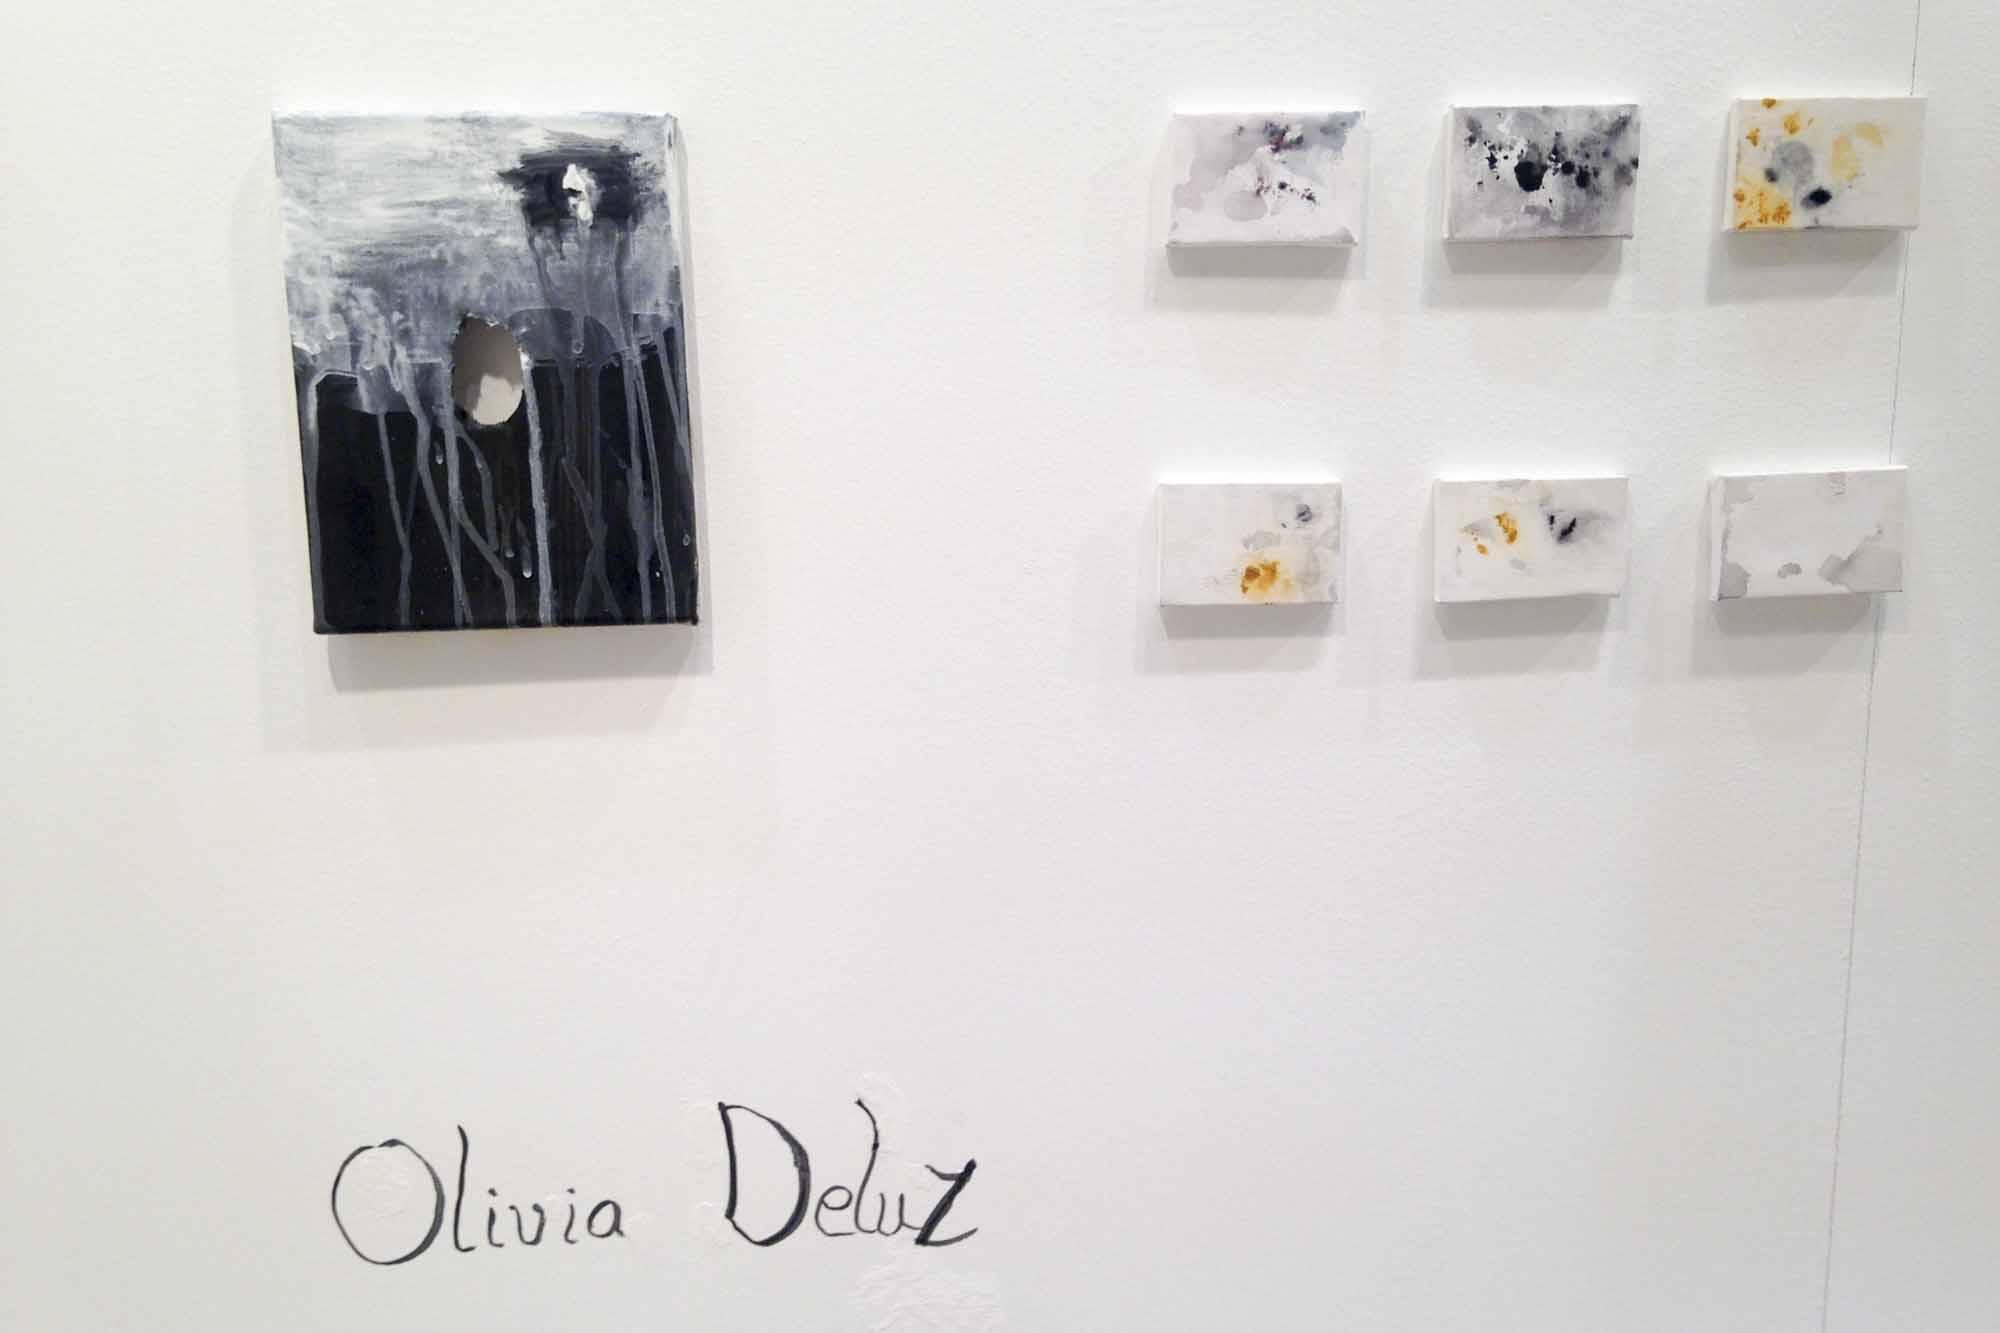 Olivia Deluz